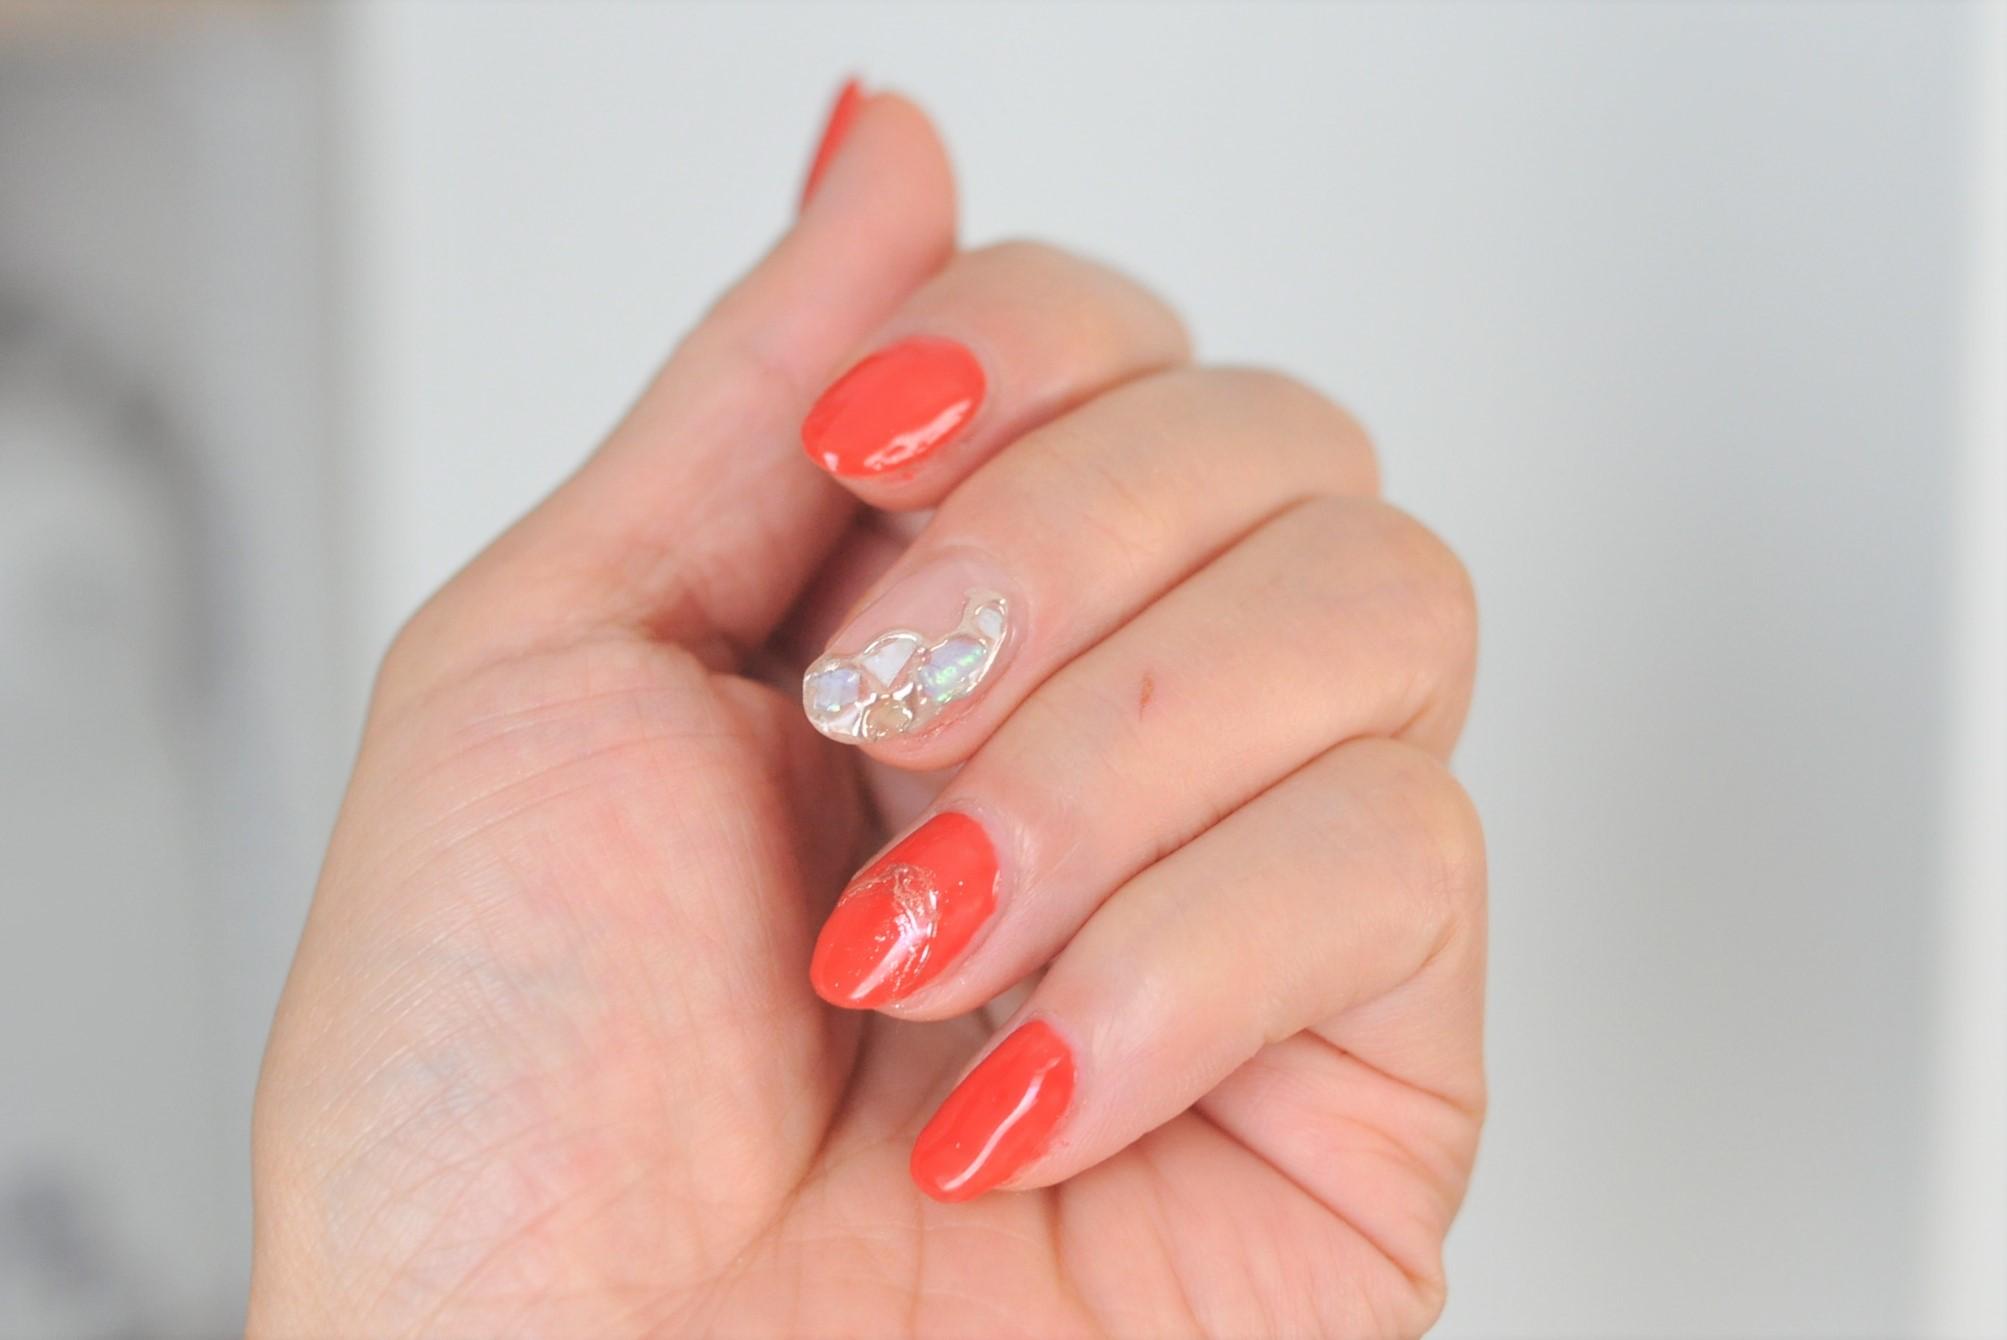 オレンジ,赤,ステンドグラスネイル,ミラーネイル,シェル,貝殻,初夏ネイル2021年